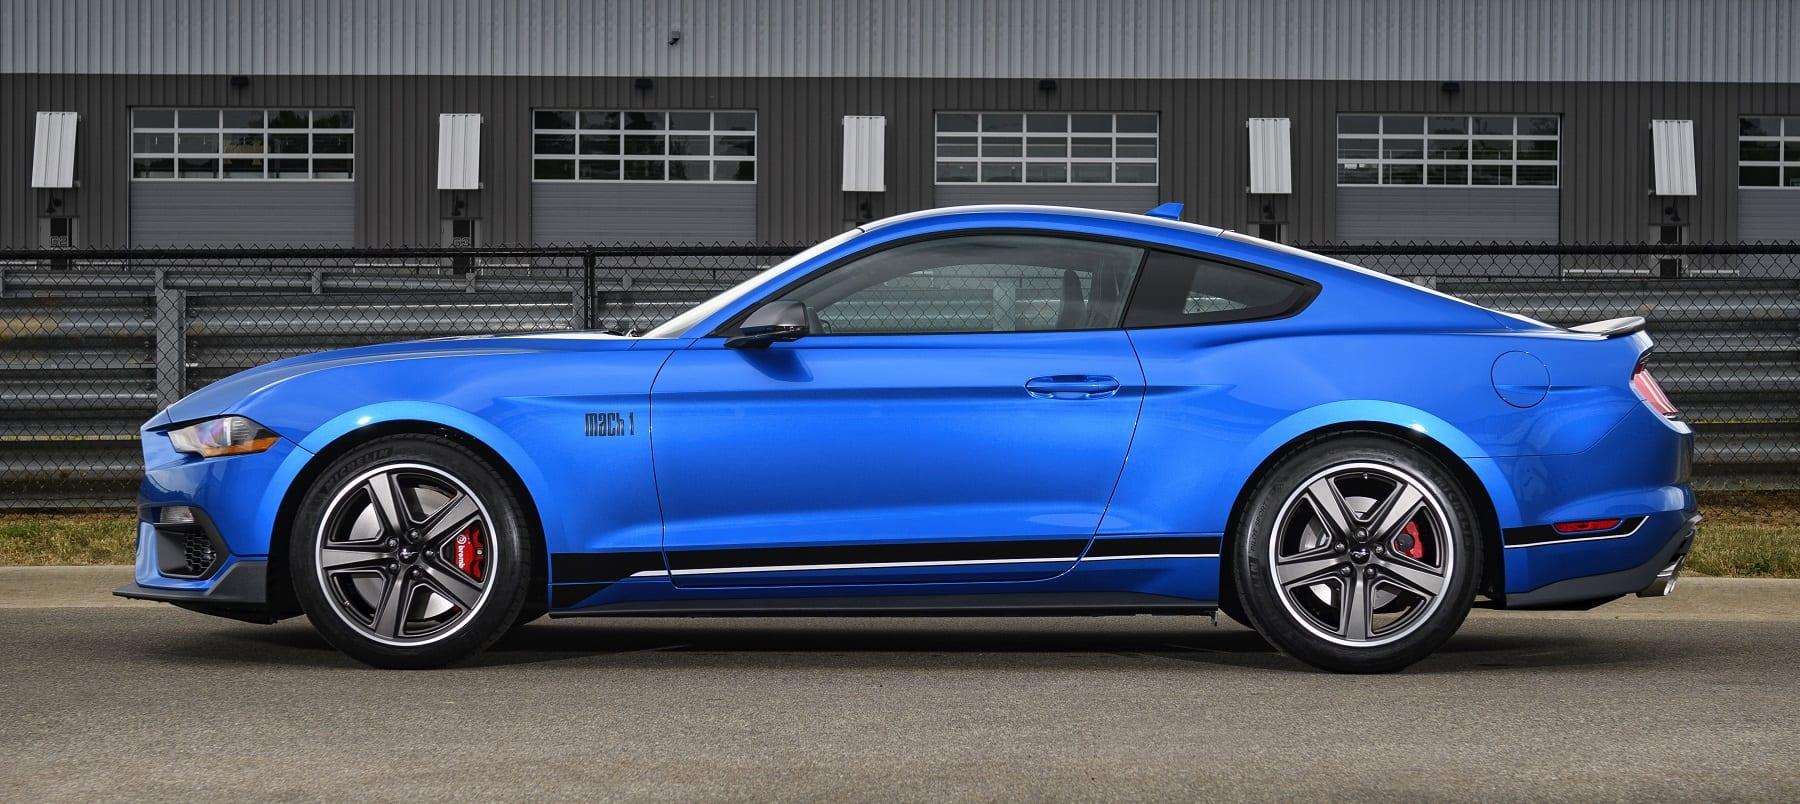 2021 Mustang Mach 1